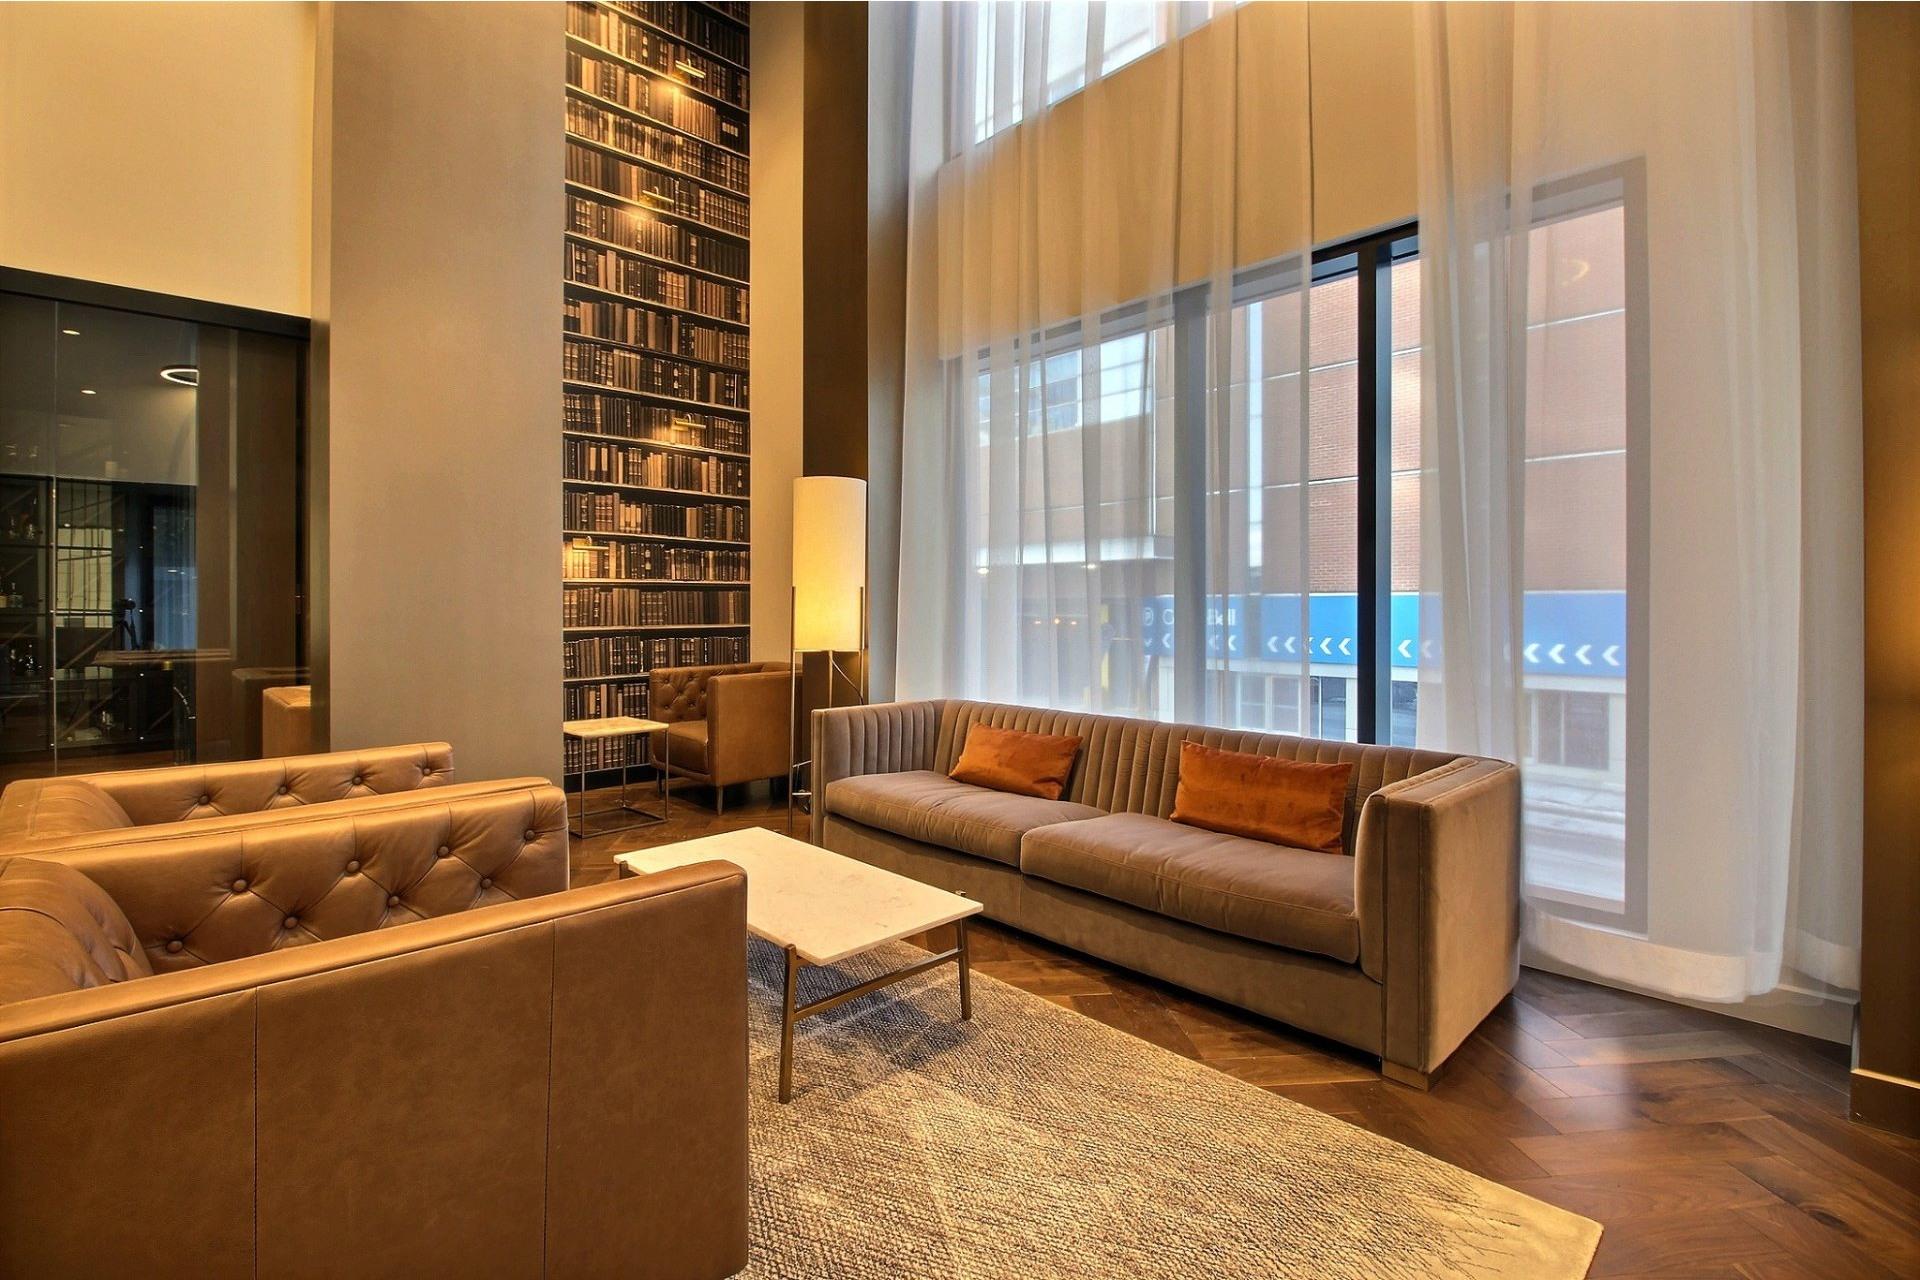 image 10 - Apartment For rent Ville-Marie Montréal  - 7 rooms